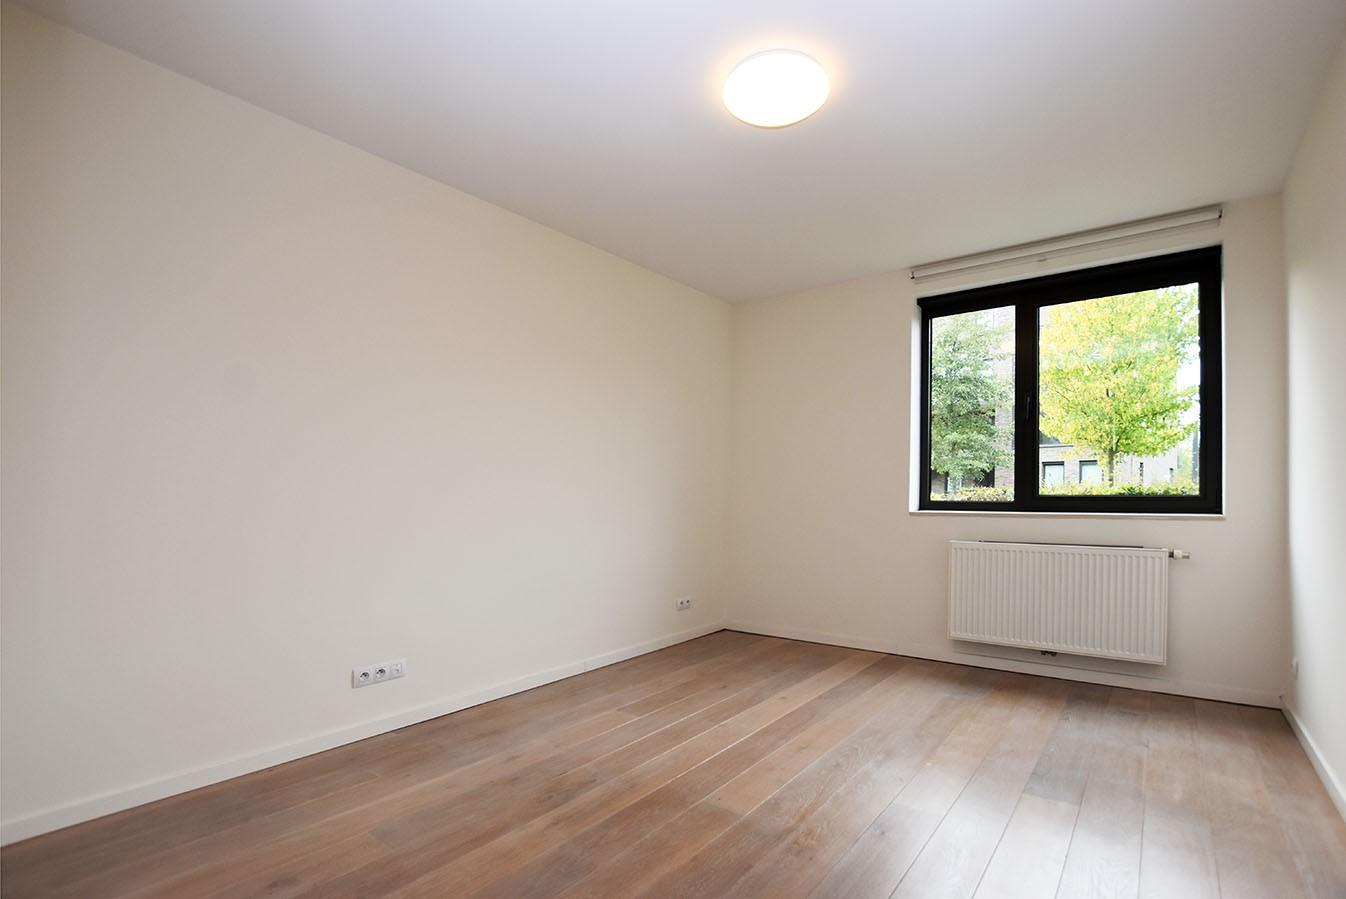 Recent gelijkvloers appartement met twee slaapkamers en tuin te Wijnegem! afbeelding 5